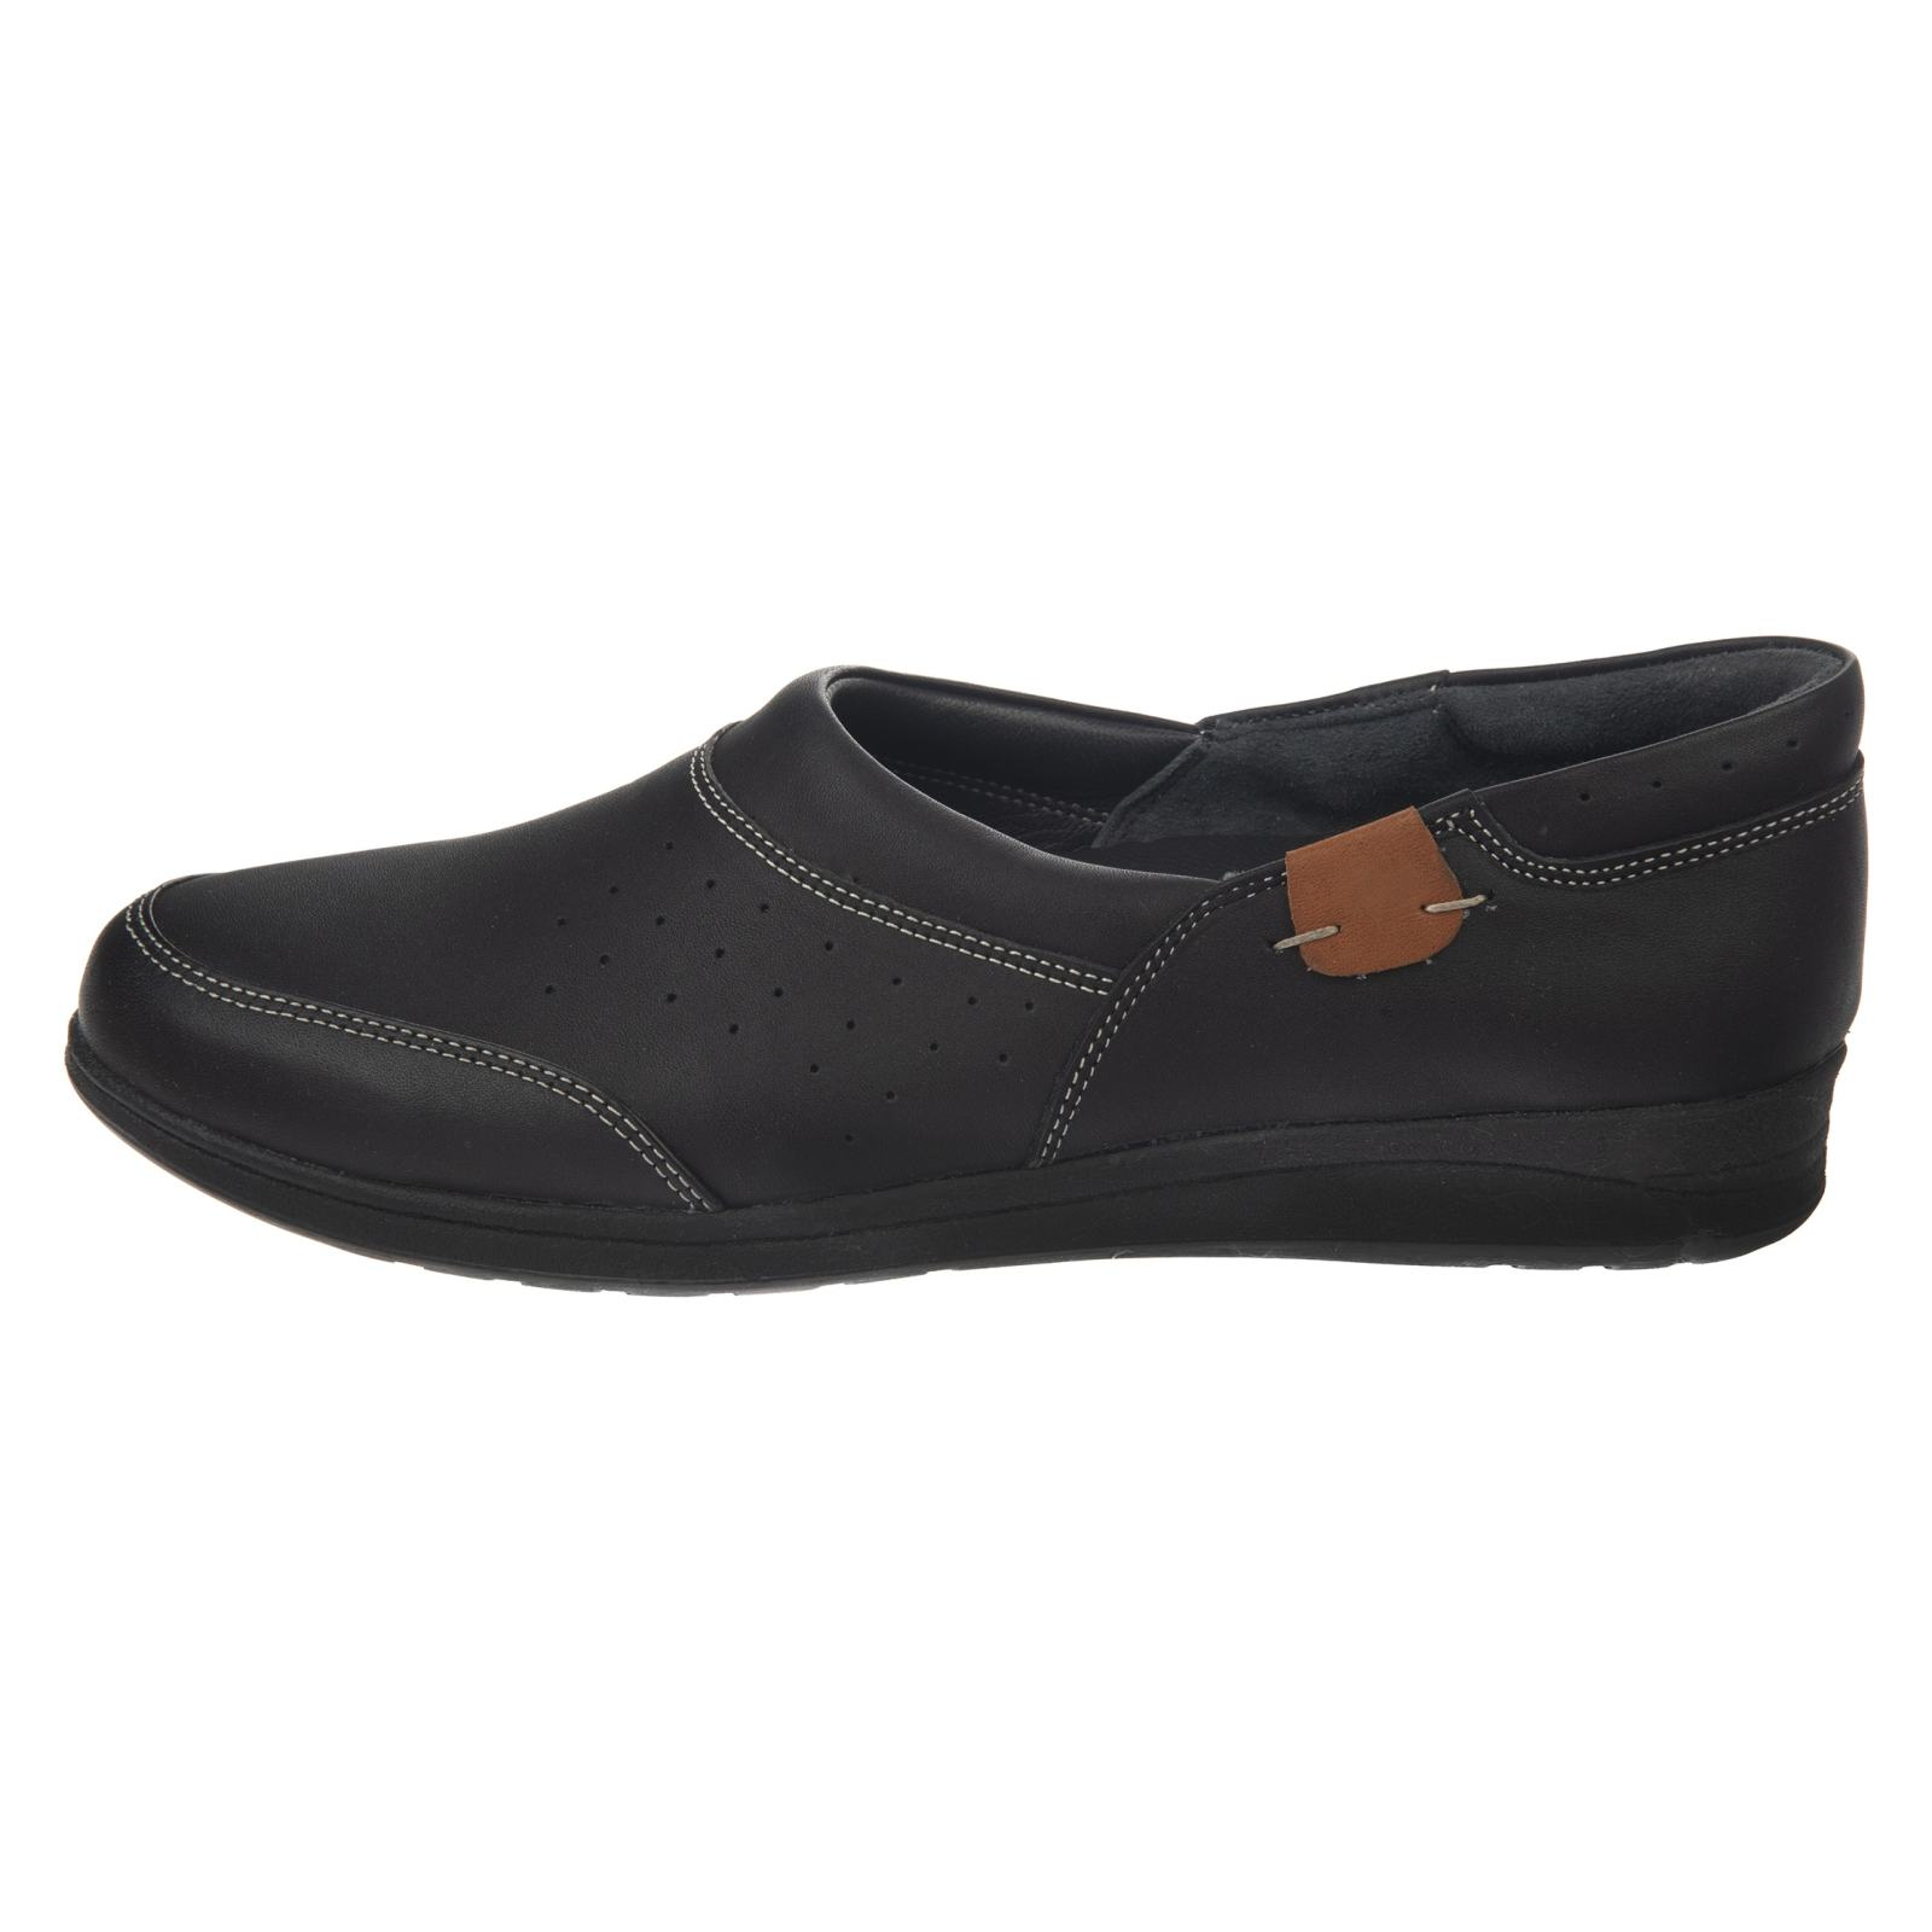 کفش روزمره زنانه شیفر مدل 5181B-101 - مشکی - 2